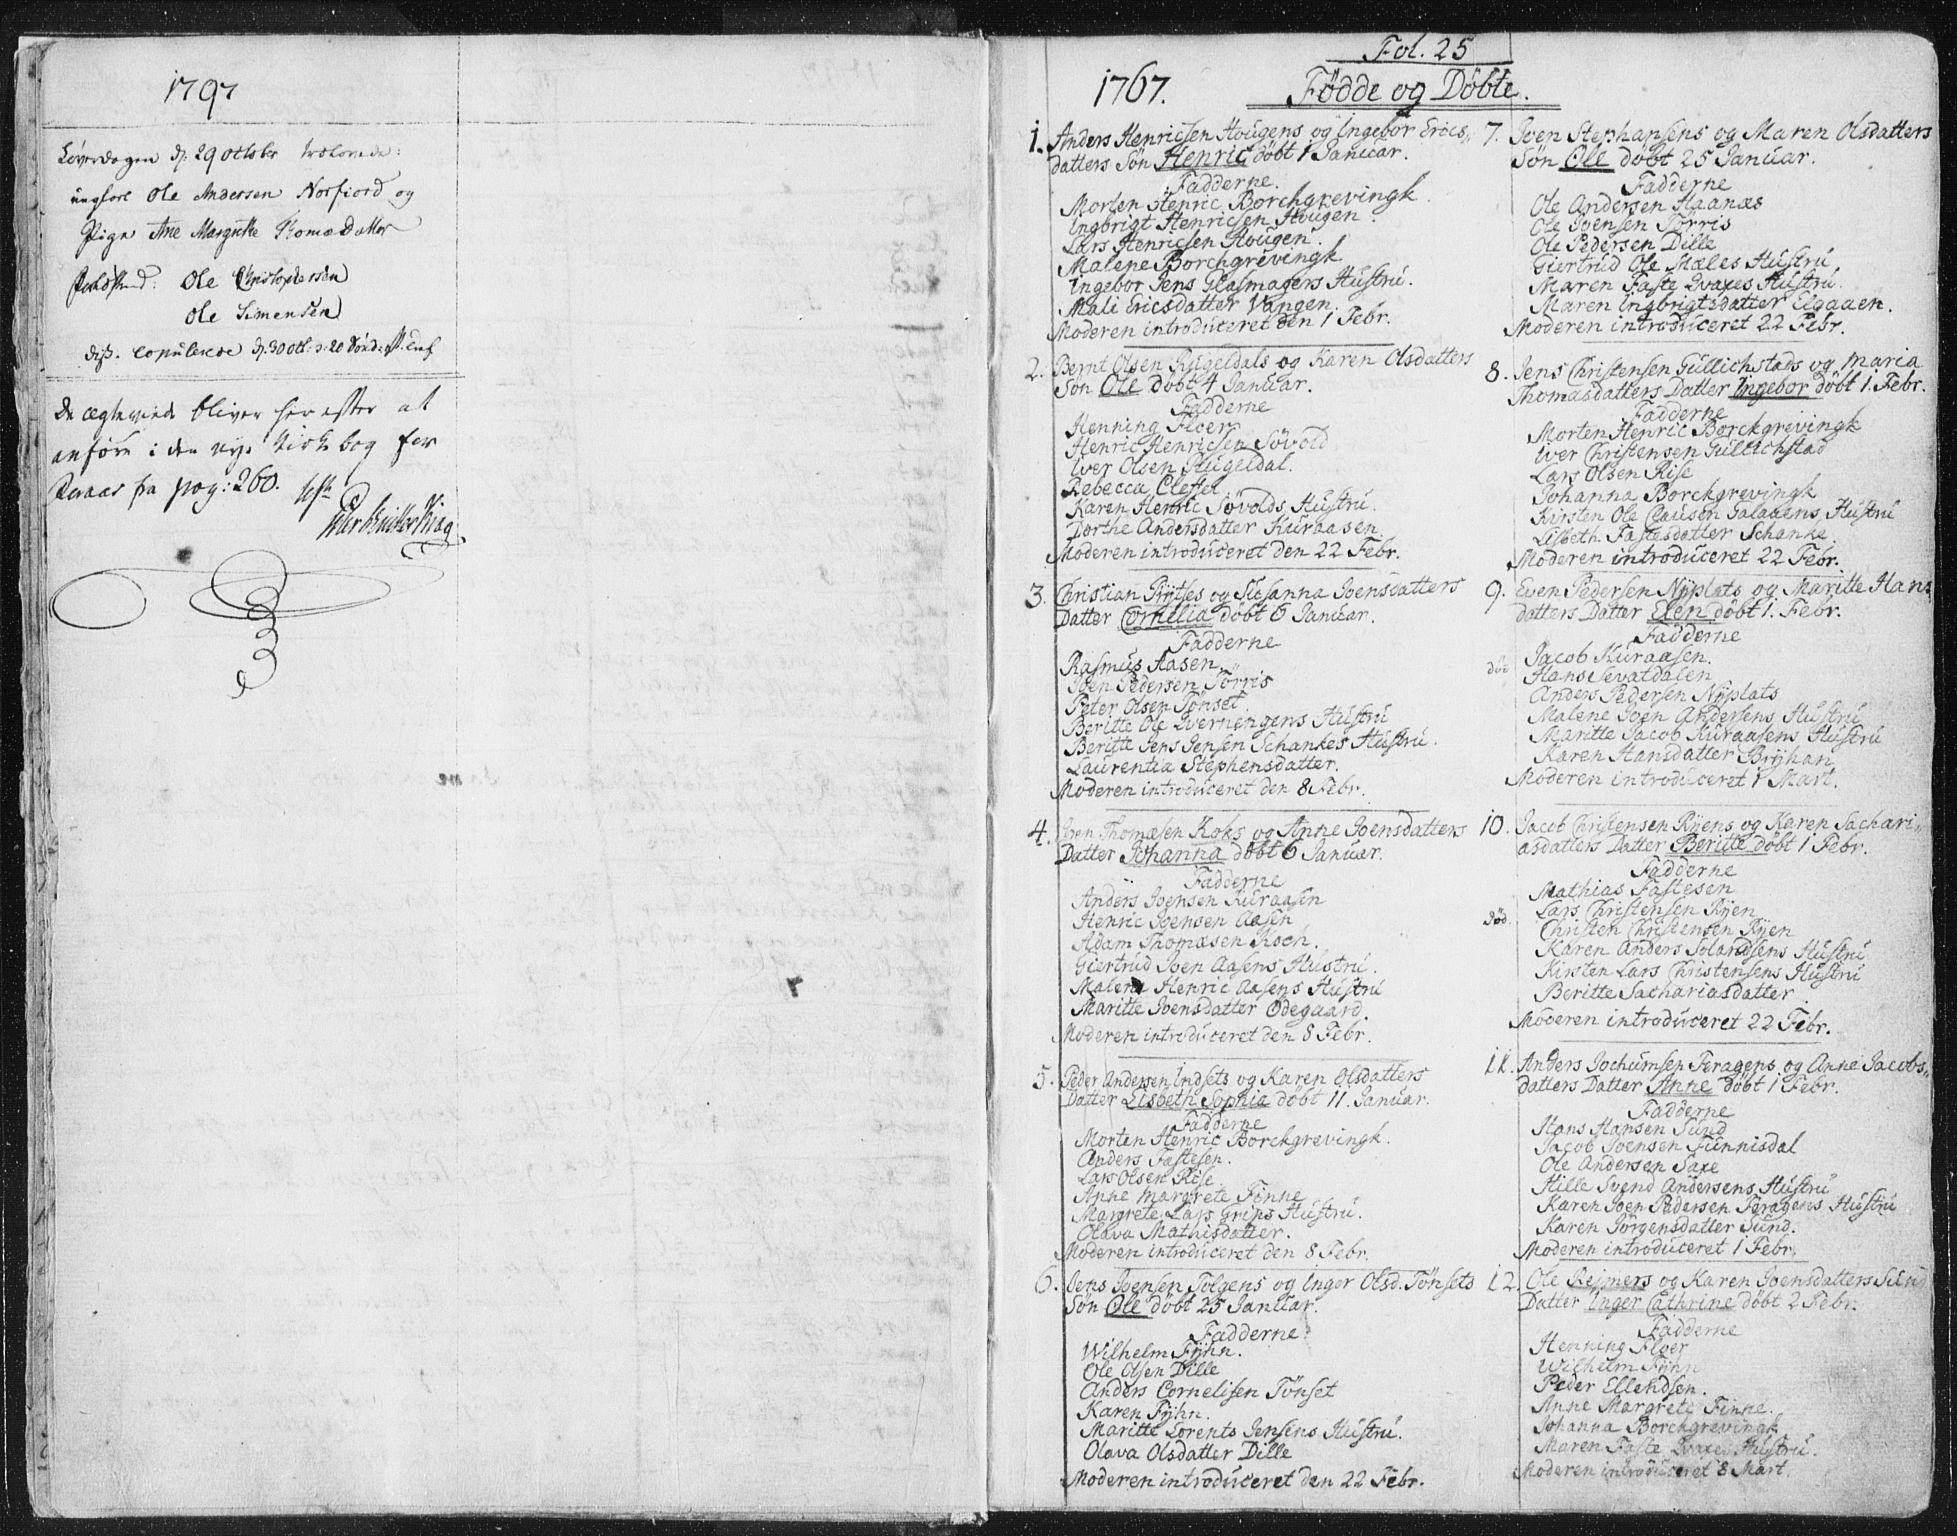 SAT, Ministerialprotokoller, klokkerbøker og fødselsregistre - Sør-Trøndelag, 681/L0926: Ministerialbok nr. 681A04, 1767-1797, s. 13b